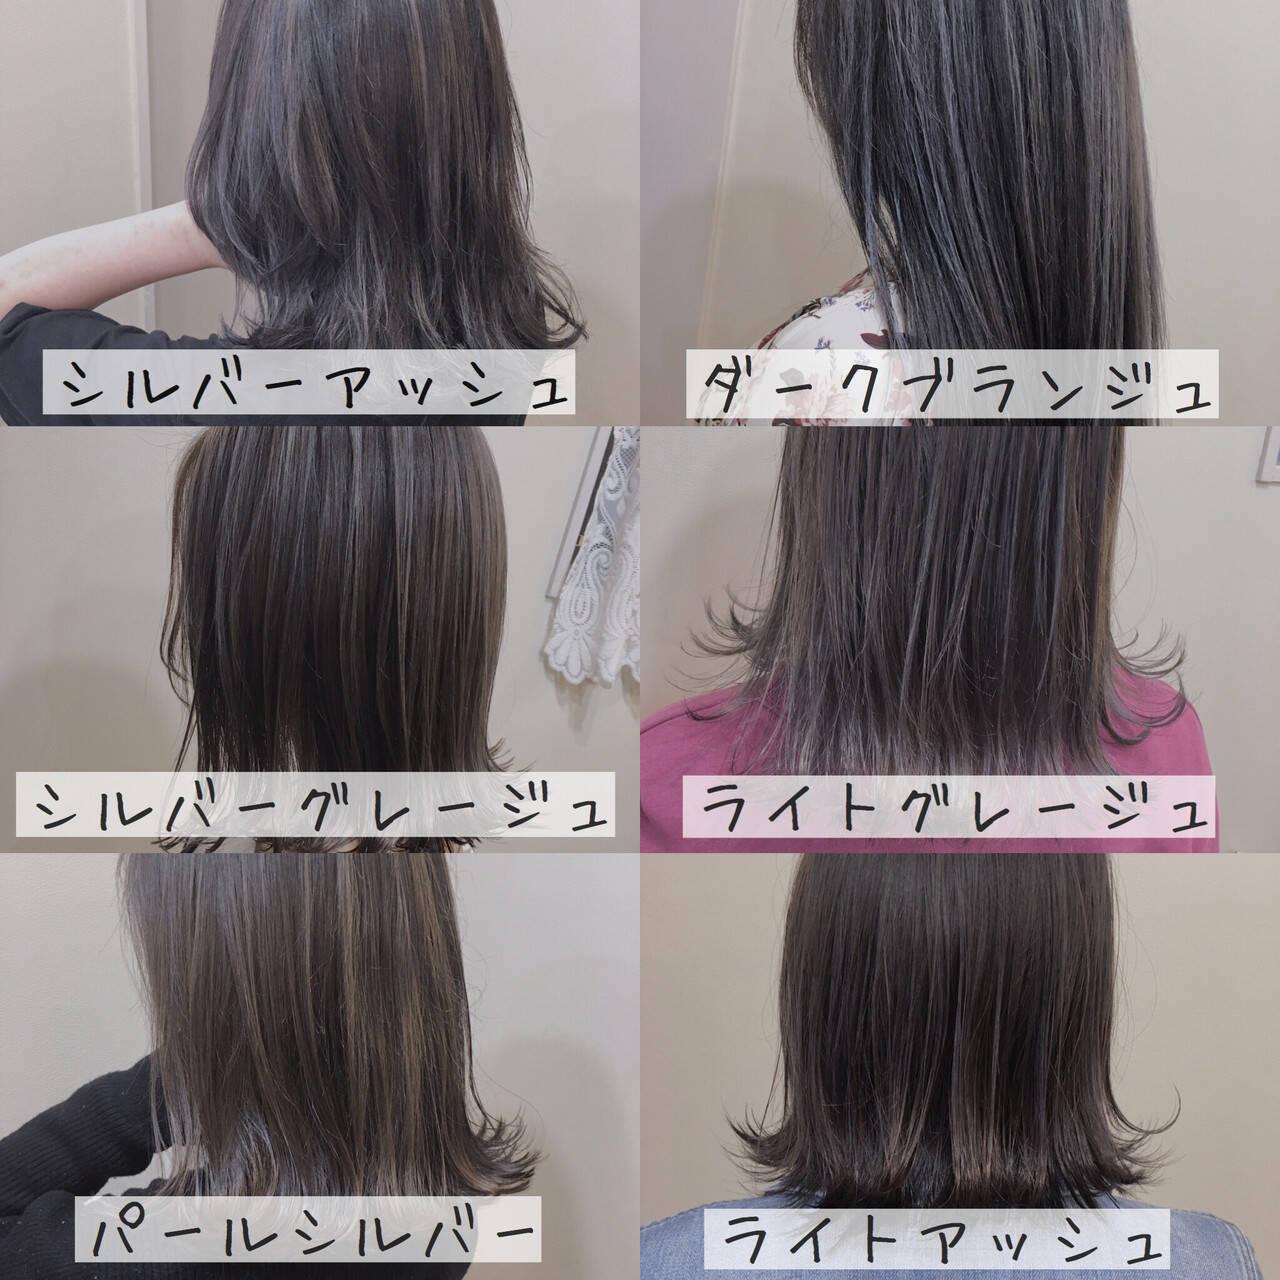 3Dハイライト ボブ ロブ バレイヤージュヘアスタイルや髪型の写真・画像